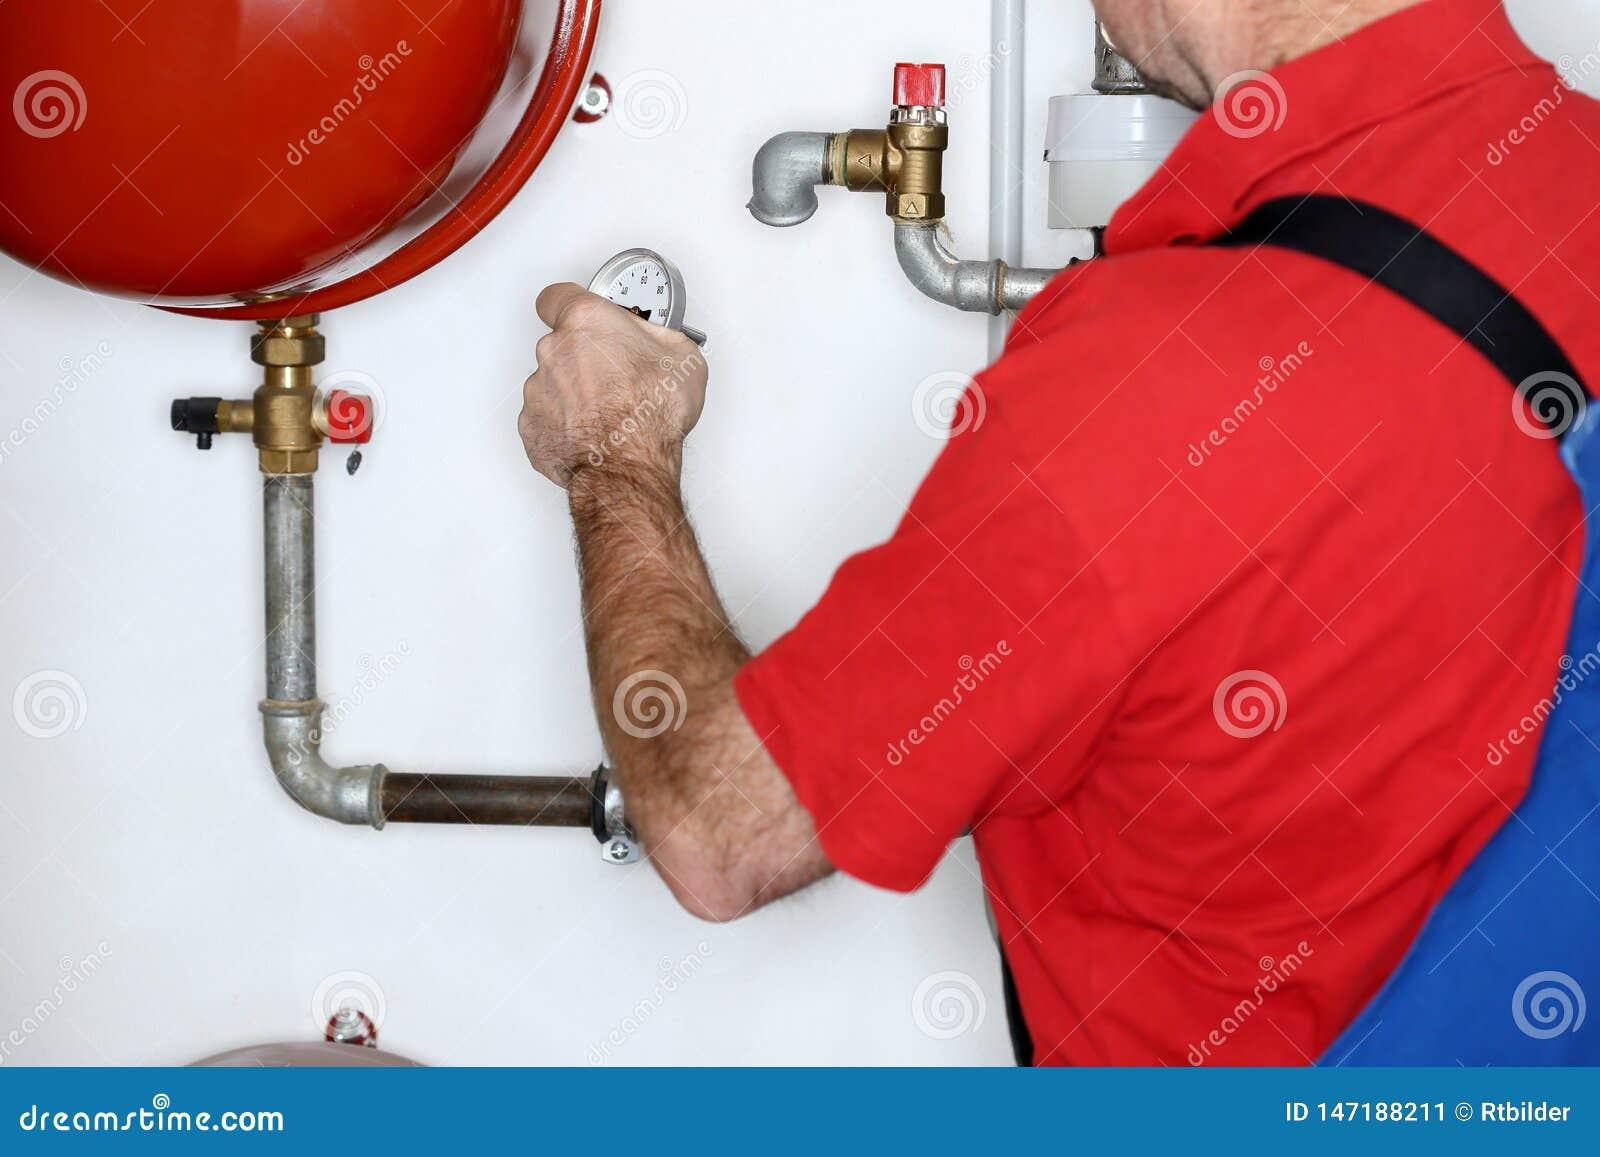 Klempner arbeitet in einem Heizungsraum